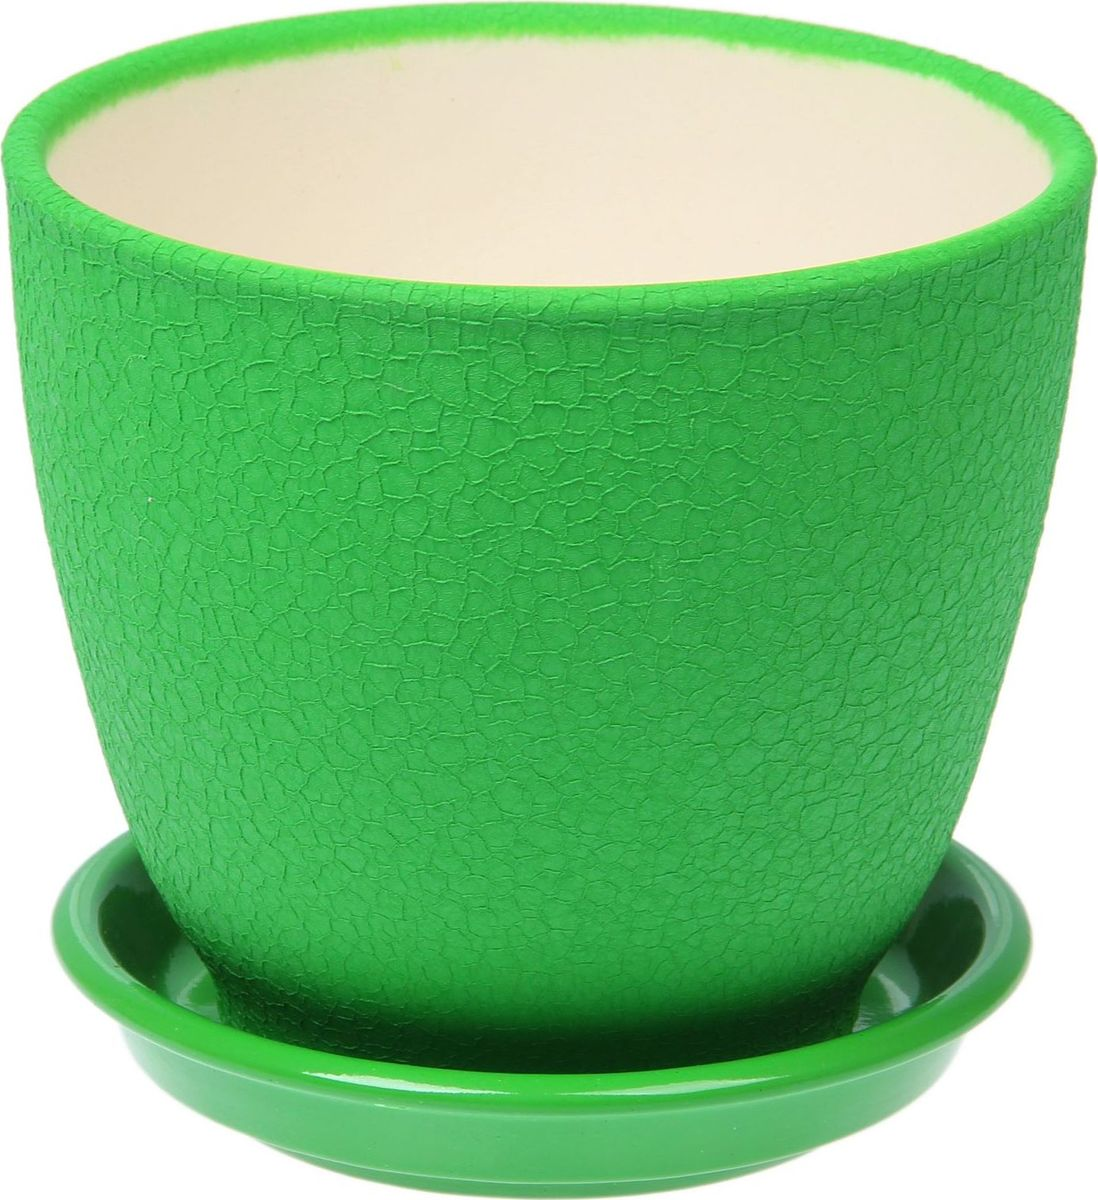 Кашпо Керамика ручной работы Кедр, цвет: зеленый, 1,6 л1489703Комнатные растения - всеобщие любимцы. Они радуют глаз, насыщают помещение кислородом и украшают пространство. Каждому из них необходим свой удобный и красивый дом. Кашпо из керамики прекрасно подходят для высадки растений:пористый материал позволяет испаряться лишней влаге;воздух, необходимый для дыхания корней, проникает сквозь керамические стенки. Кашпо Кедр позаботится о зеленом питомце, освежит интерьер и подчеркнет его стиль.